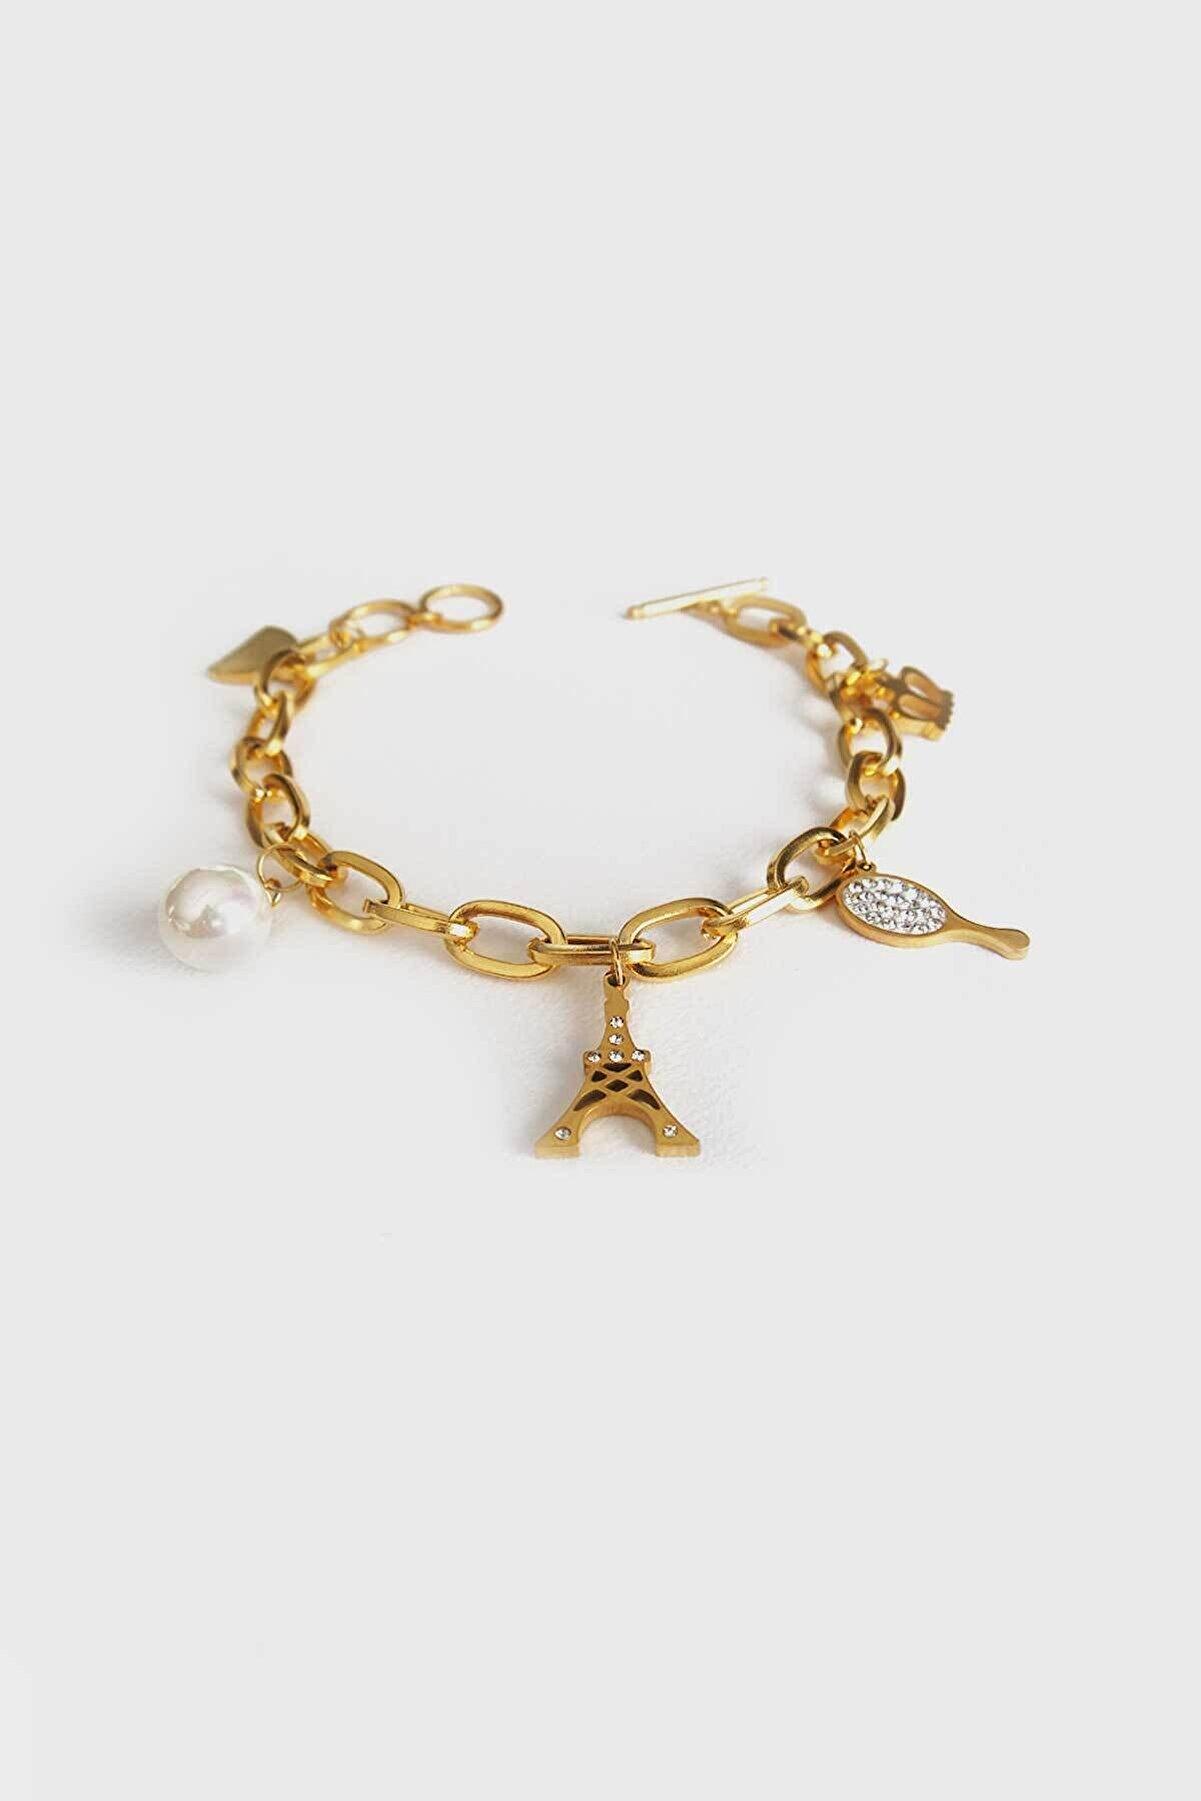 Jewel Çift Zincir Eyfel Gold Altın Kaplama Bileklik